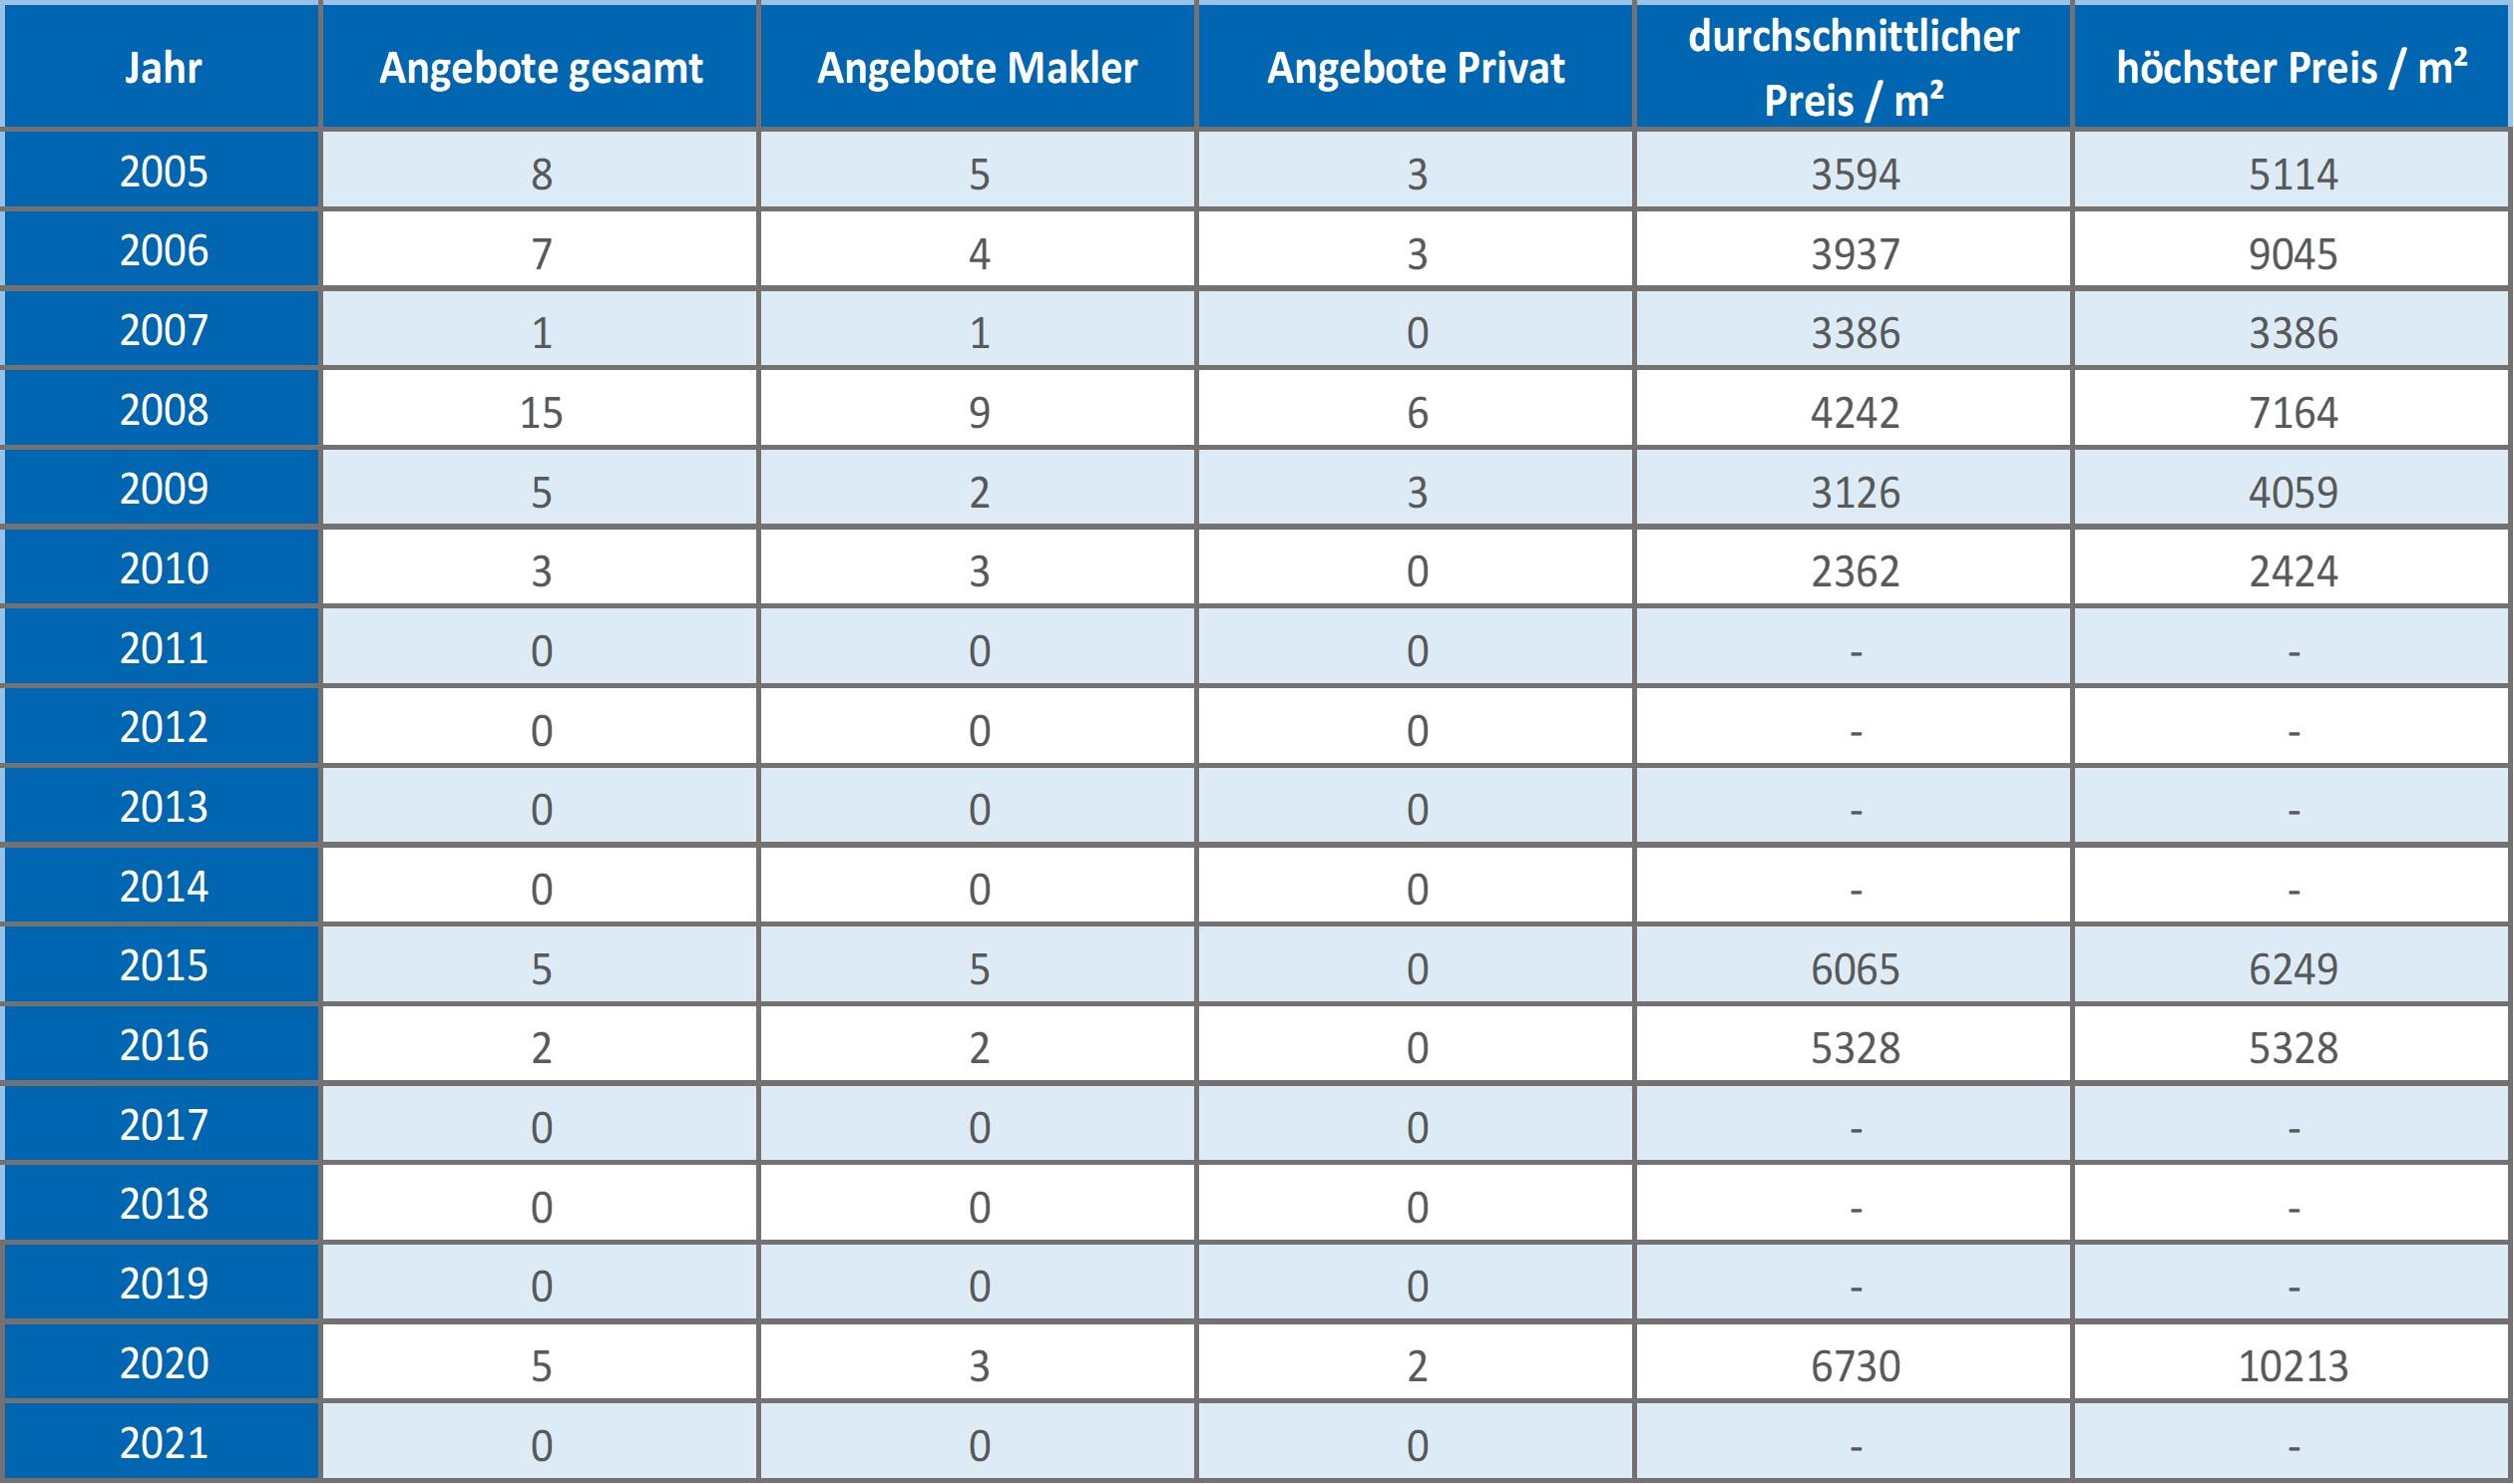 München - Johanneskirchen Haus  kaufen verkaufen Preis Bewertung Makler 2019 2020 2021 www.happy-immo.de